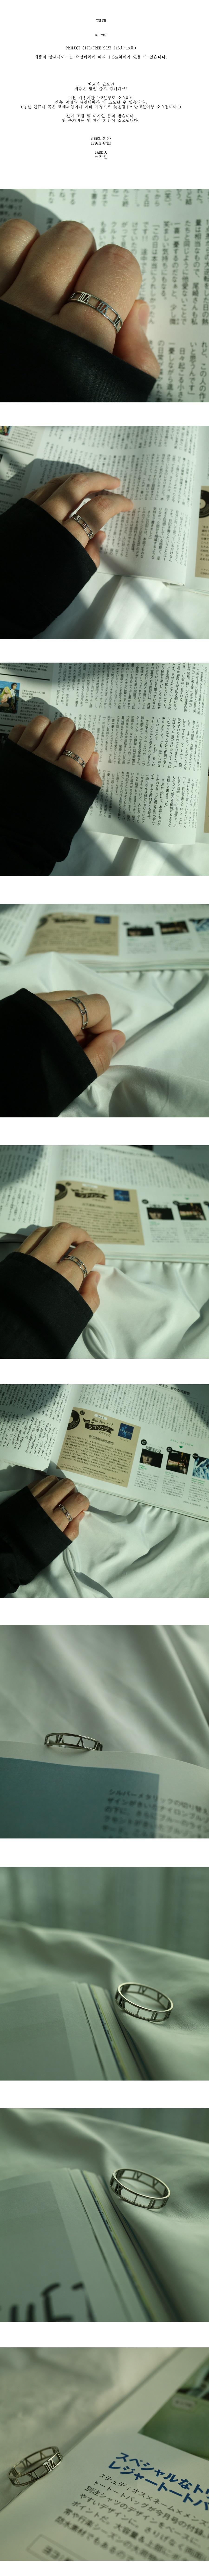 남자 반지 레이어드 패션 링 thin layered ring - 티키타, 17,900원, 패션, 패션반지